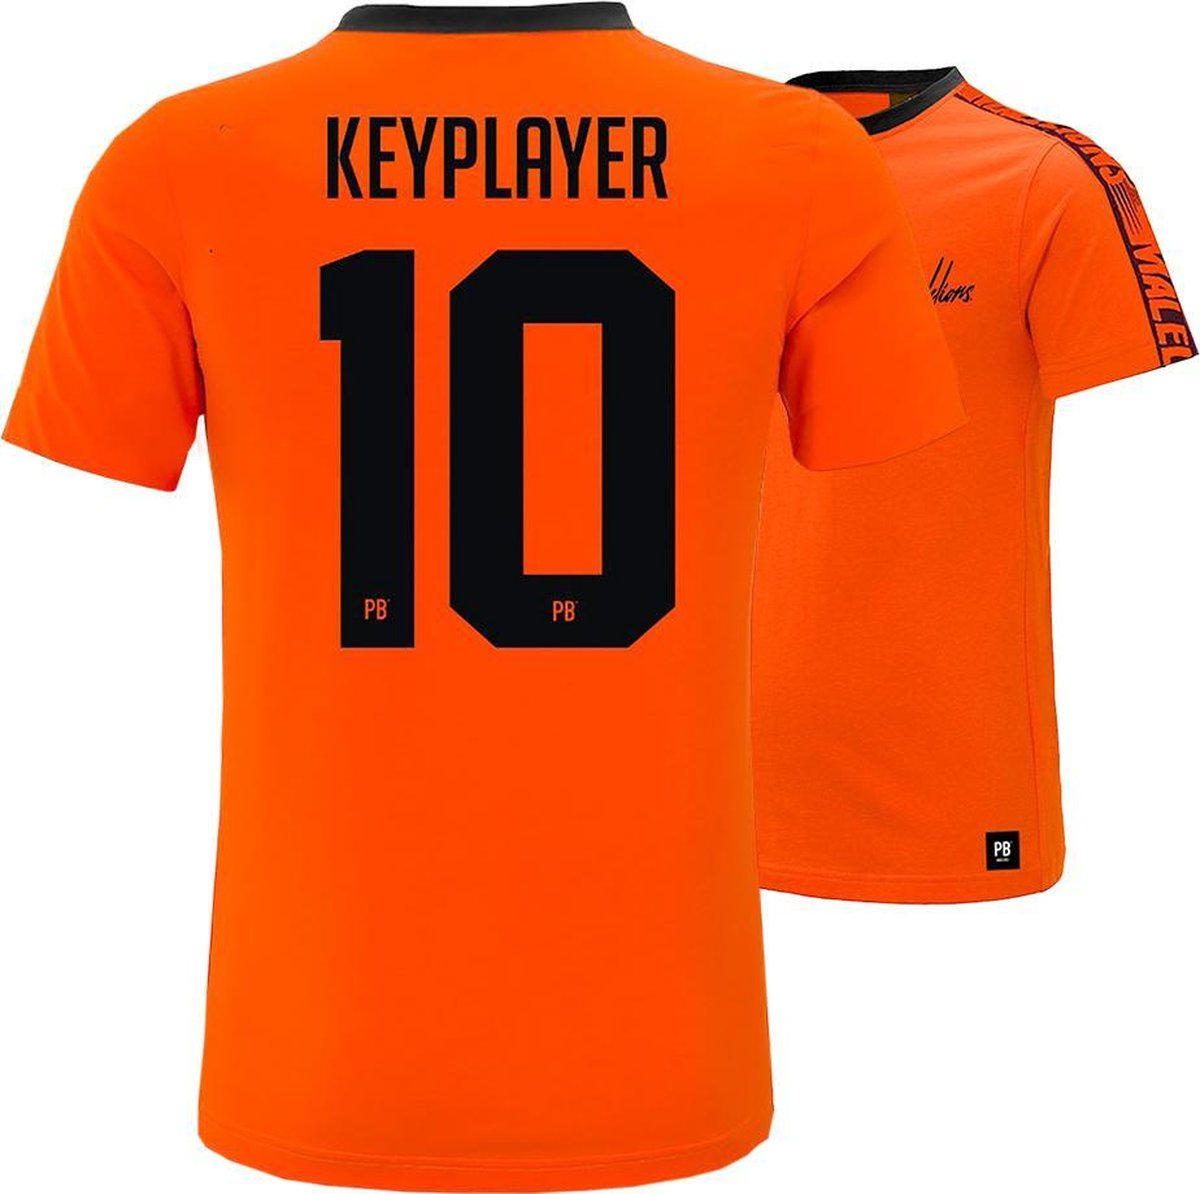 PB x Malelions - 10. Keyplayer   Maat XL   Oranje T-shirt   EK voetbal 2021   Heren en dames